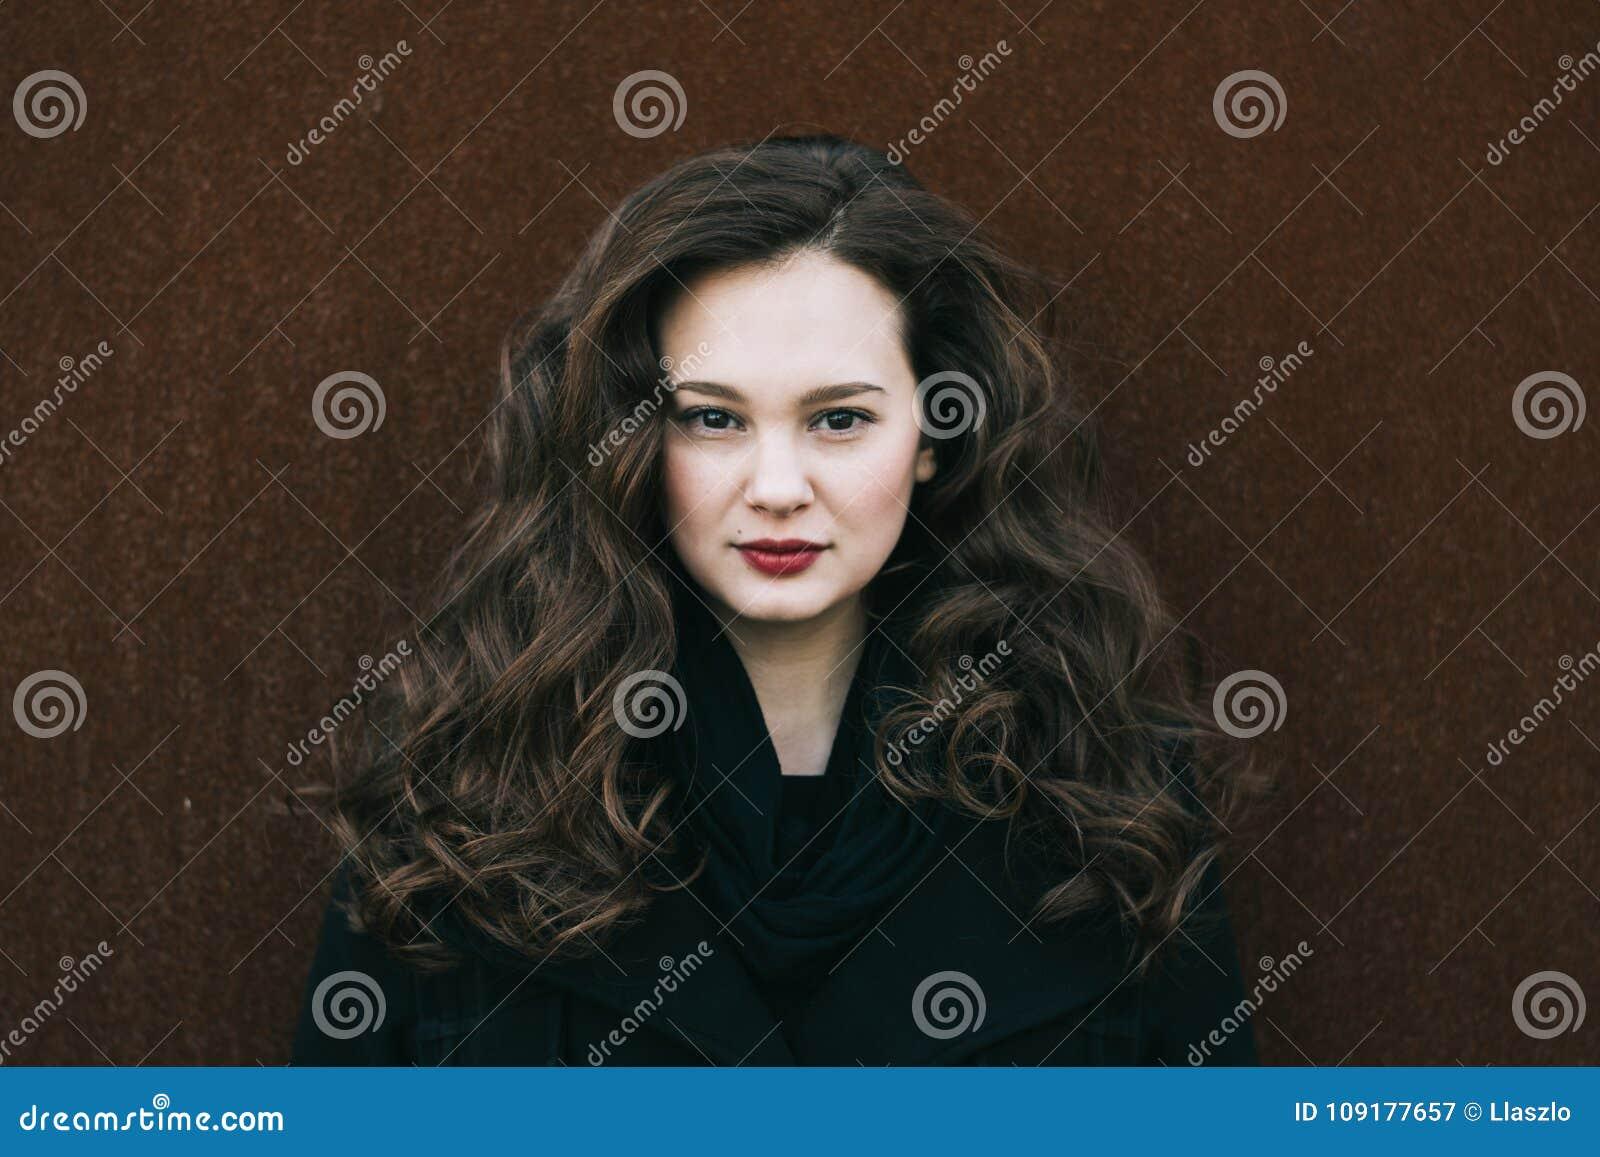 Schönes Frauenportrait Social Media-Profilbild 20-29 Jahre alte weibliche Porträt Langes gelocktes Haar Brunettemädchen